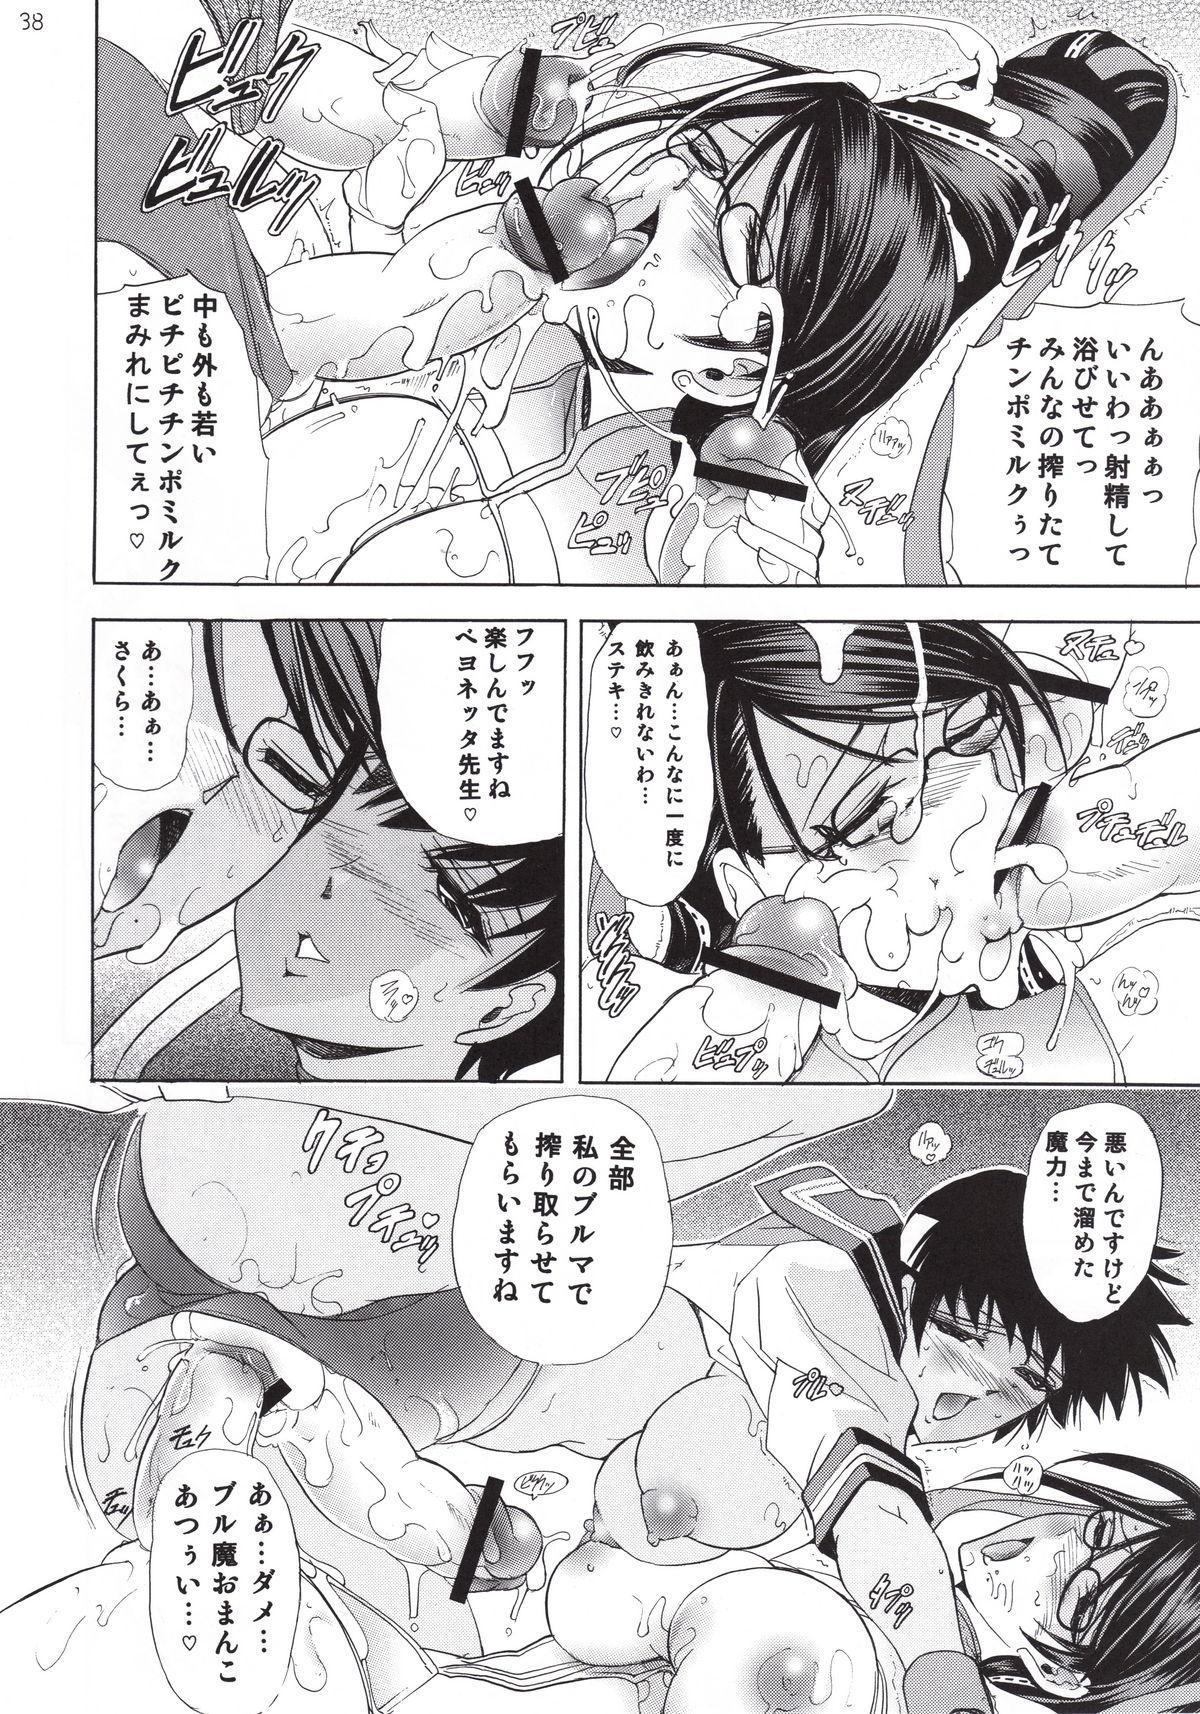 (C77) [Kawaraya Honpo (Kawaraya A-ta)] Hana - Maki no Juukyuu - Kuroki Hana (Bayonetta, Street Fighter, Darkstalkers) 37